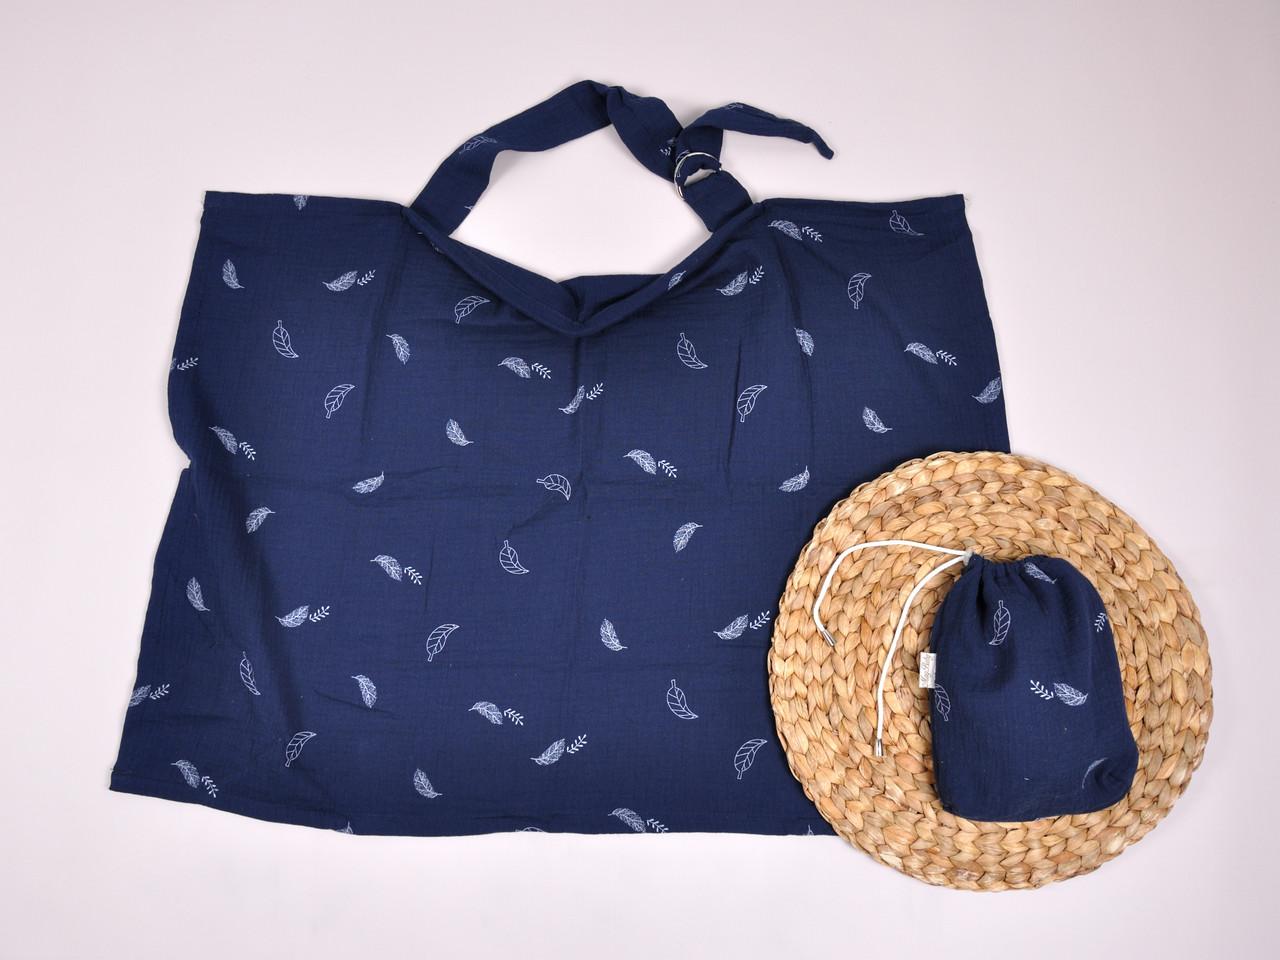 Муслиновая накидка для годування з сумочкою-чохлом, синя